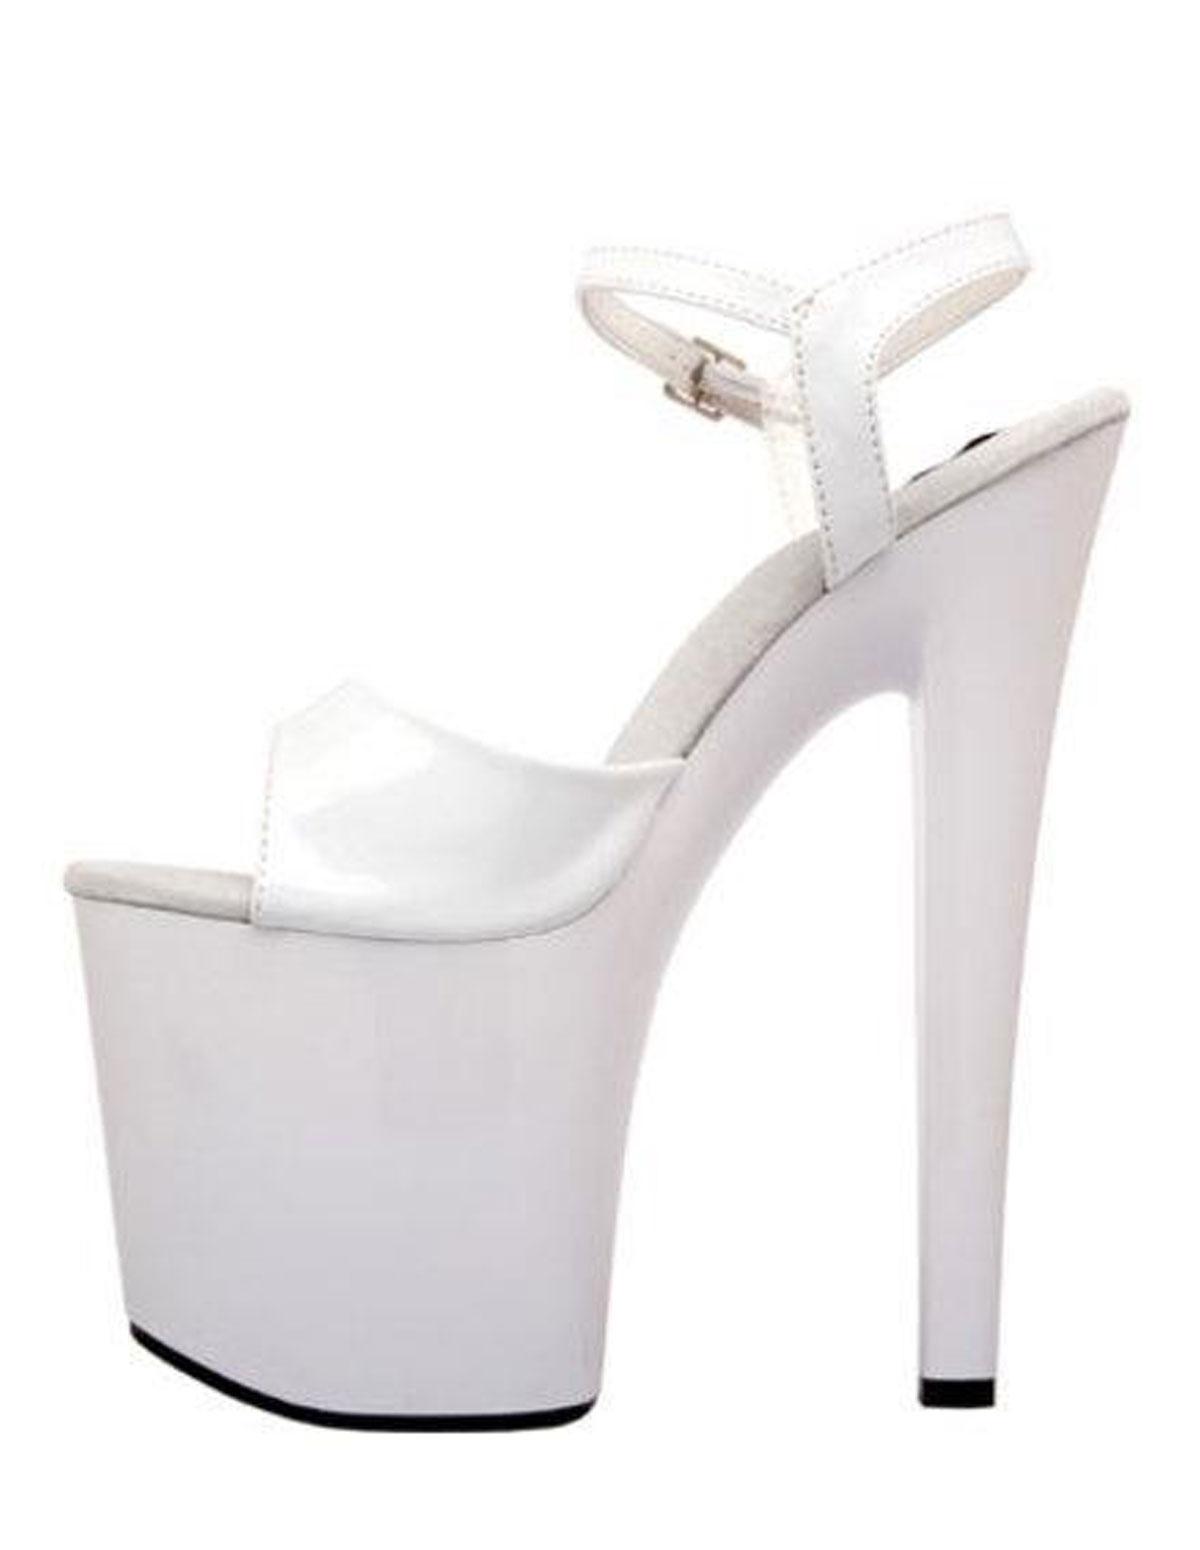 Fantasy 7-Inch Shoe